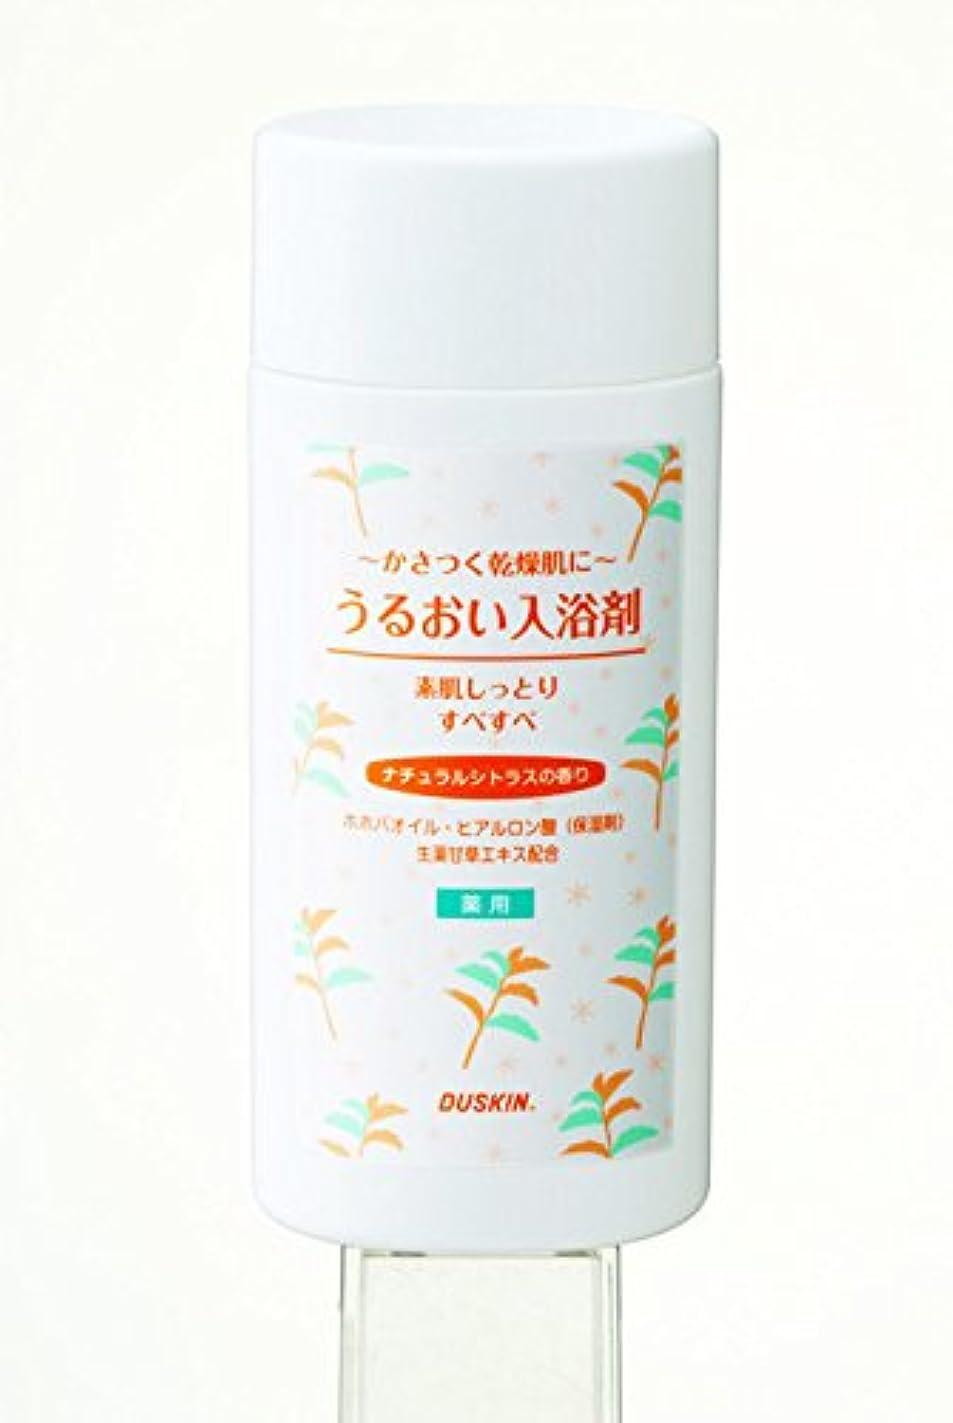 機会必要性内側ダスキン うるおい入浴剤 ナチュラルシトラスの香り 濁り湯タイプ300g